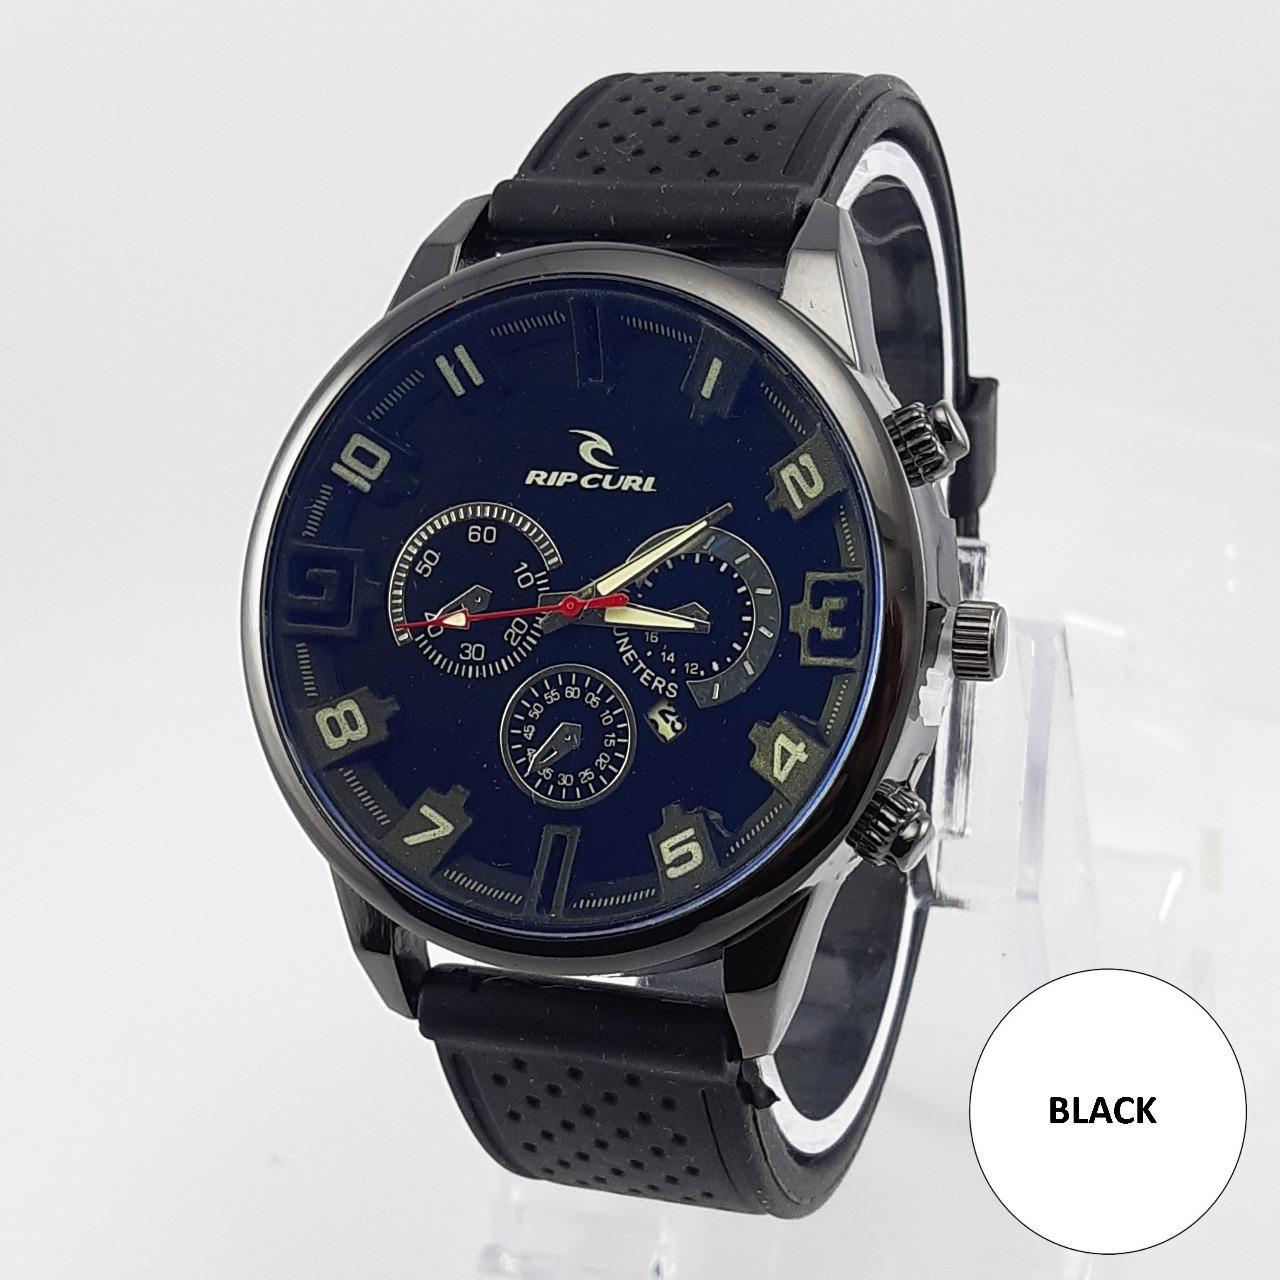 jam tangan pria rip curl murah PS1542 d18fe27241